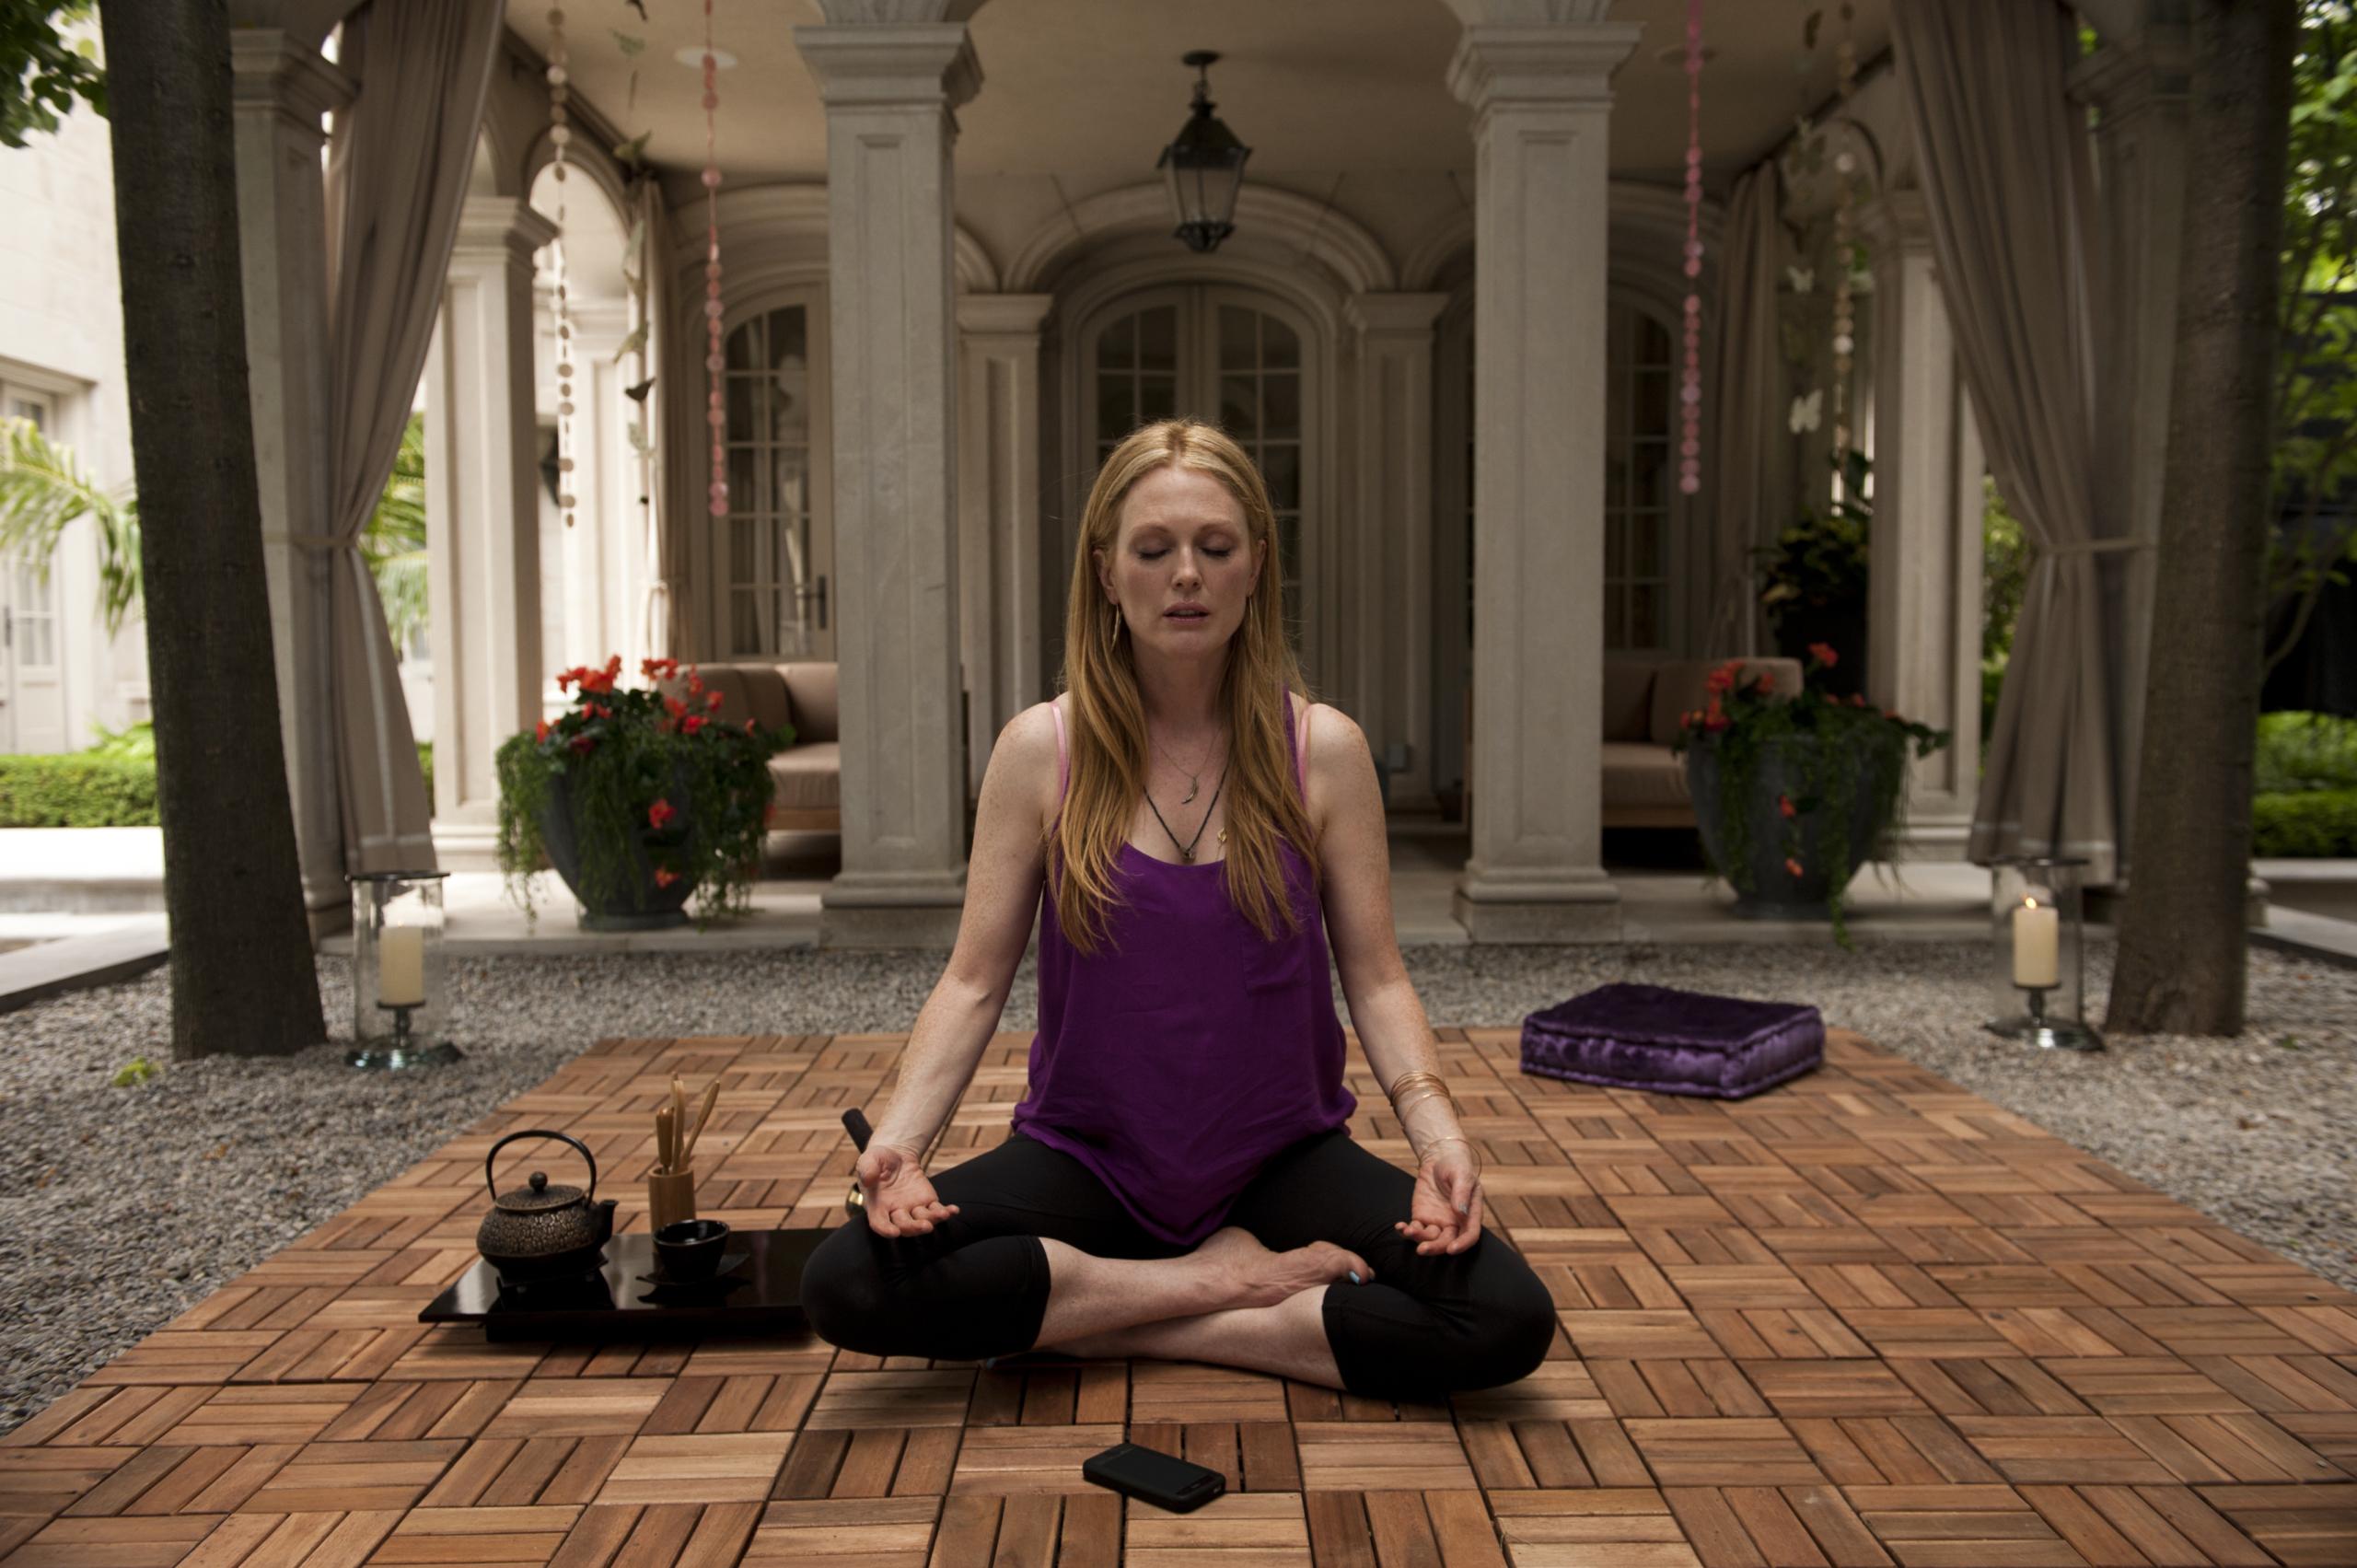 El yoga puede ser igual de efectivo que la medicina para tratar la ansiedad y el estrés, según estudio